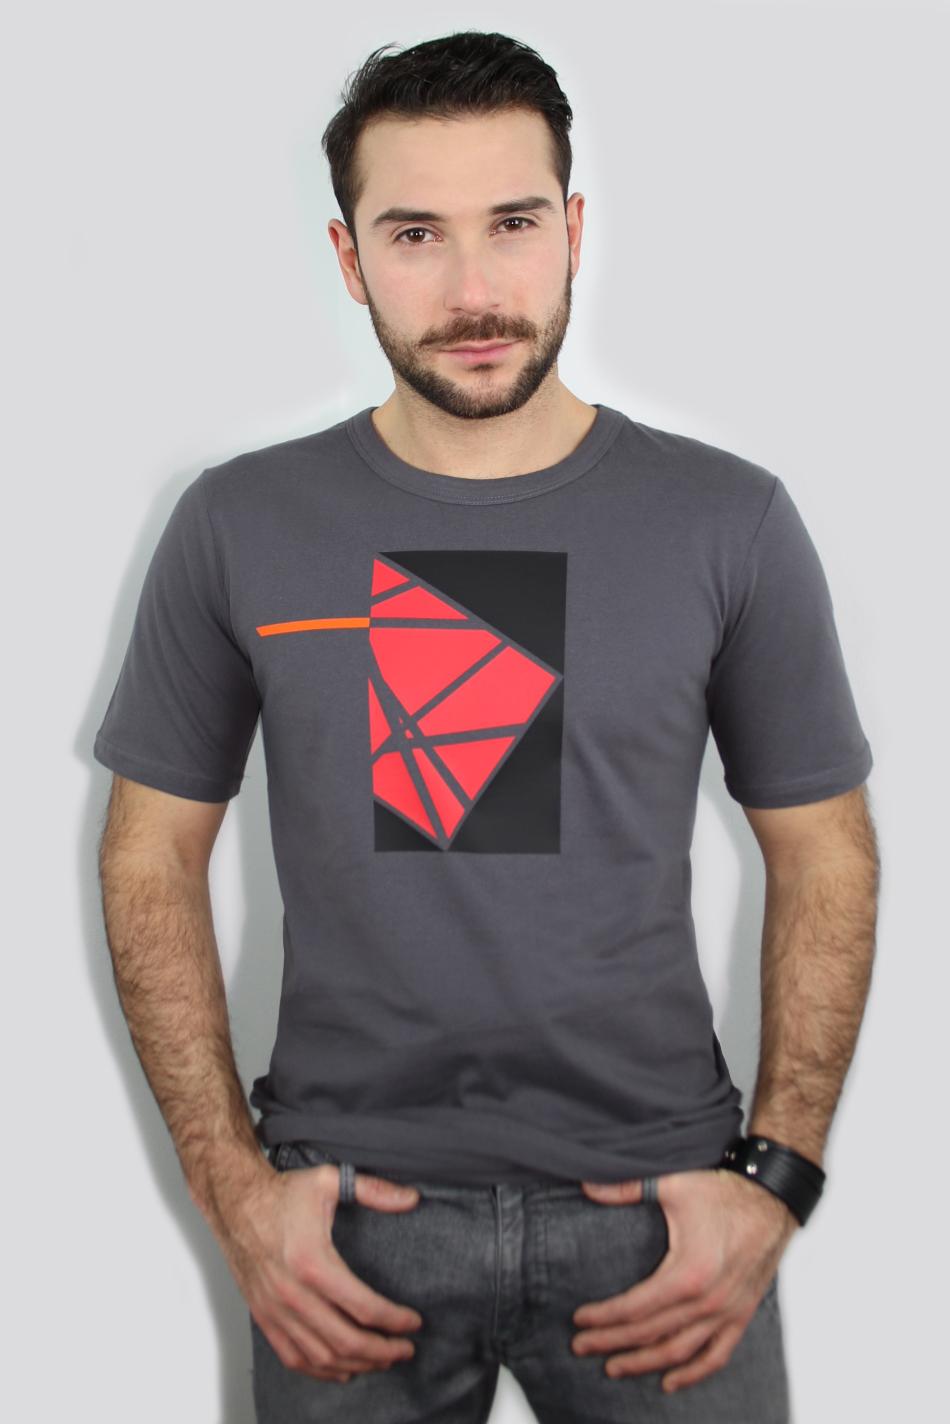 T-Shirt Design gianluca Sgalippa znak Sammlung